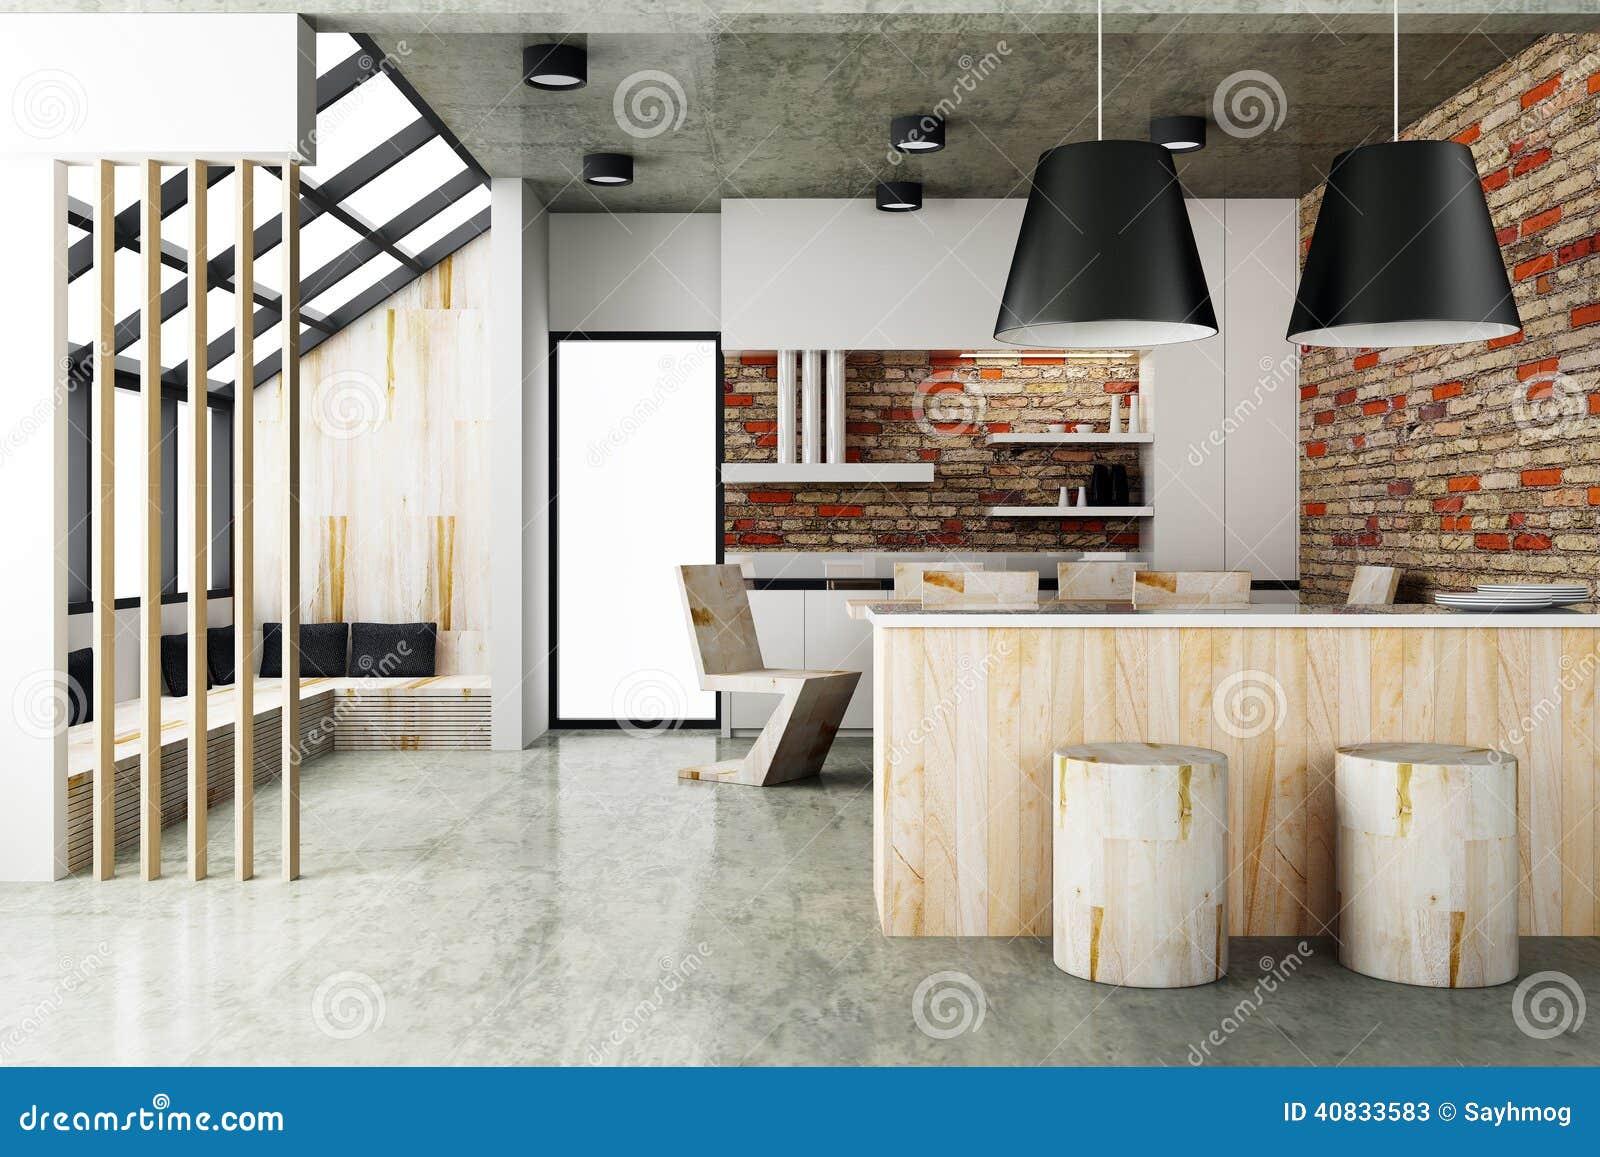 Stile Contemporaneo Dell'interno Della Sala Da Pranzo Illustrazione Di  #B64114 1300 957 Sala Da Pranzo Arte Contemporanea